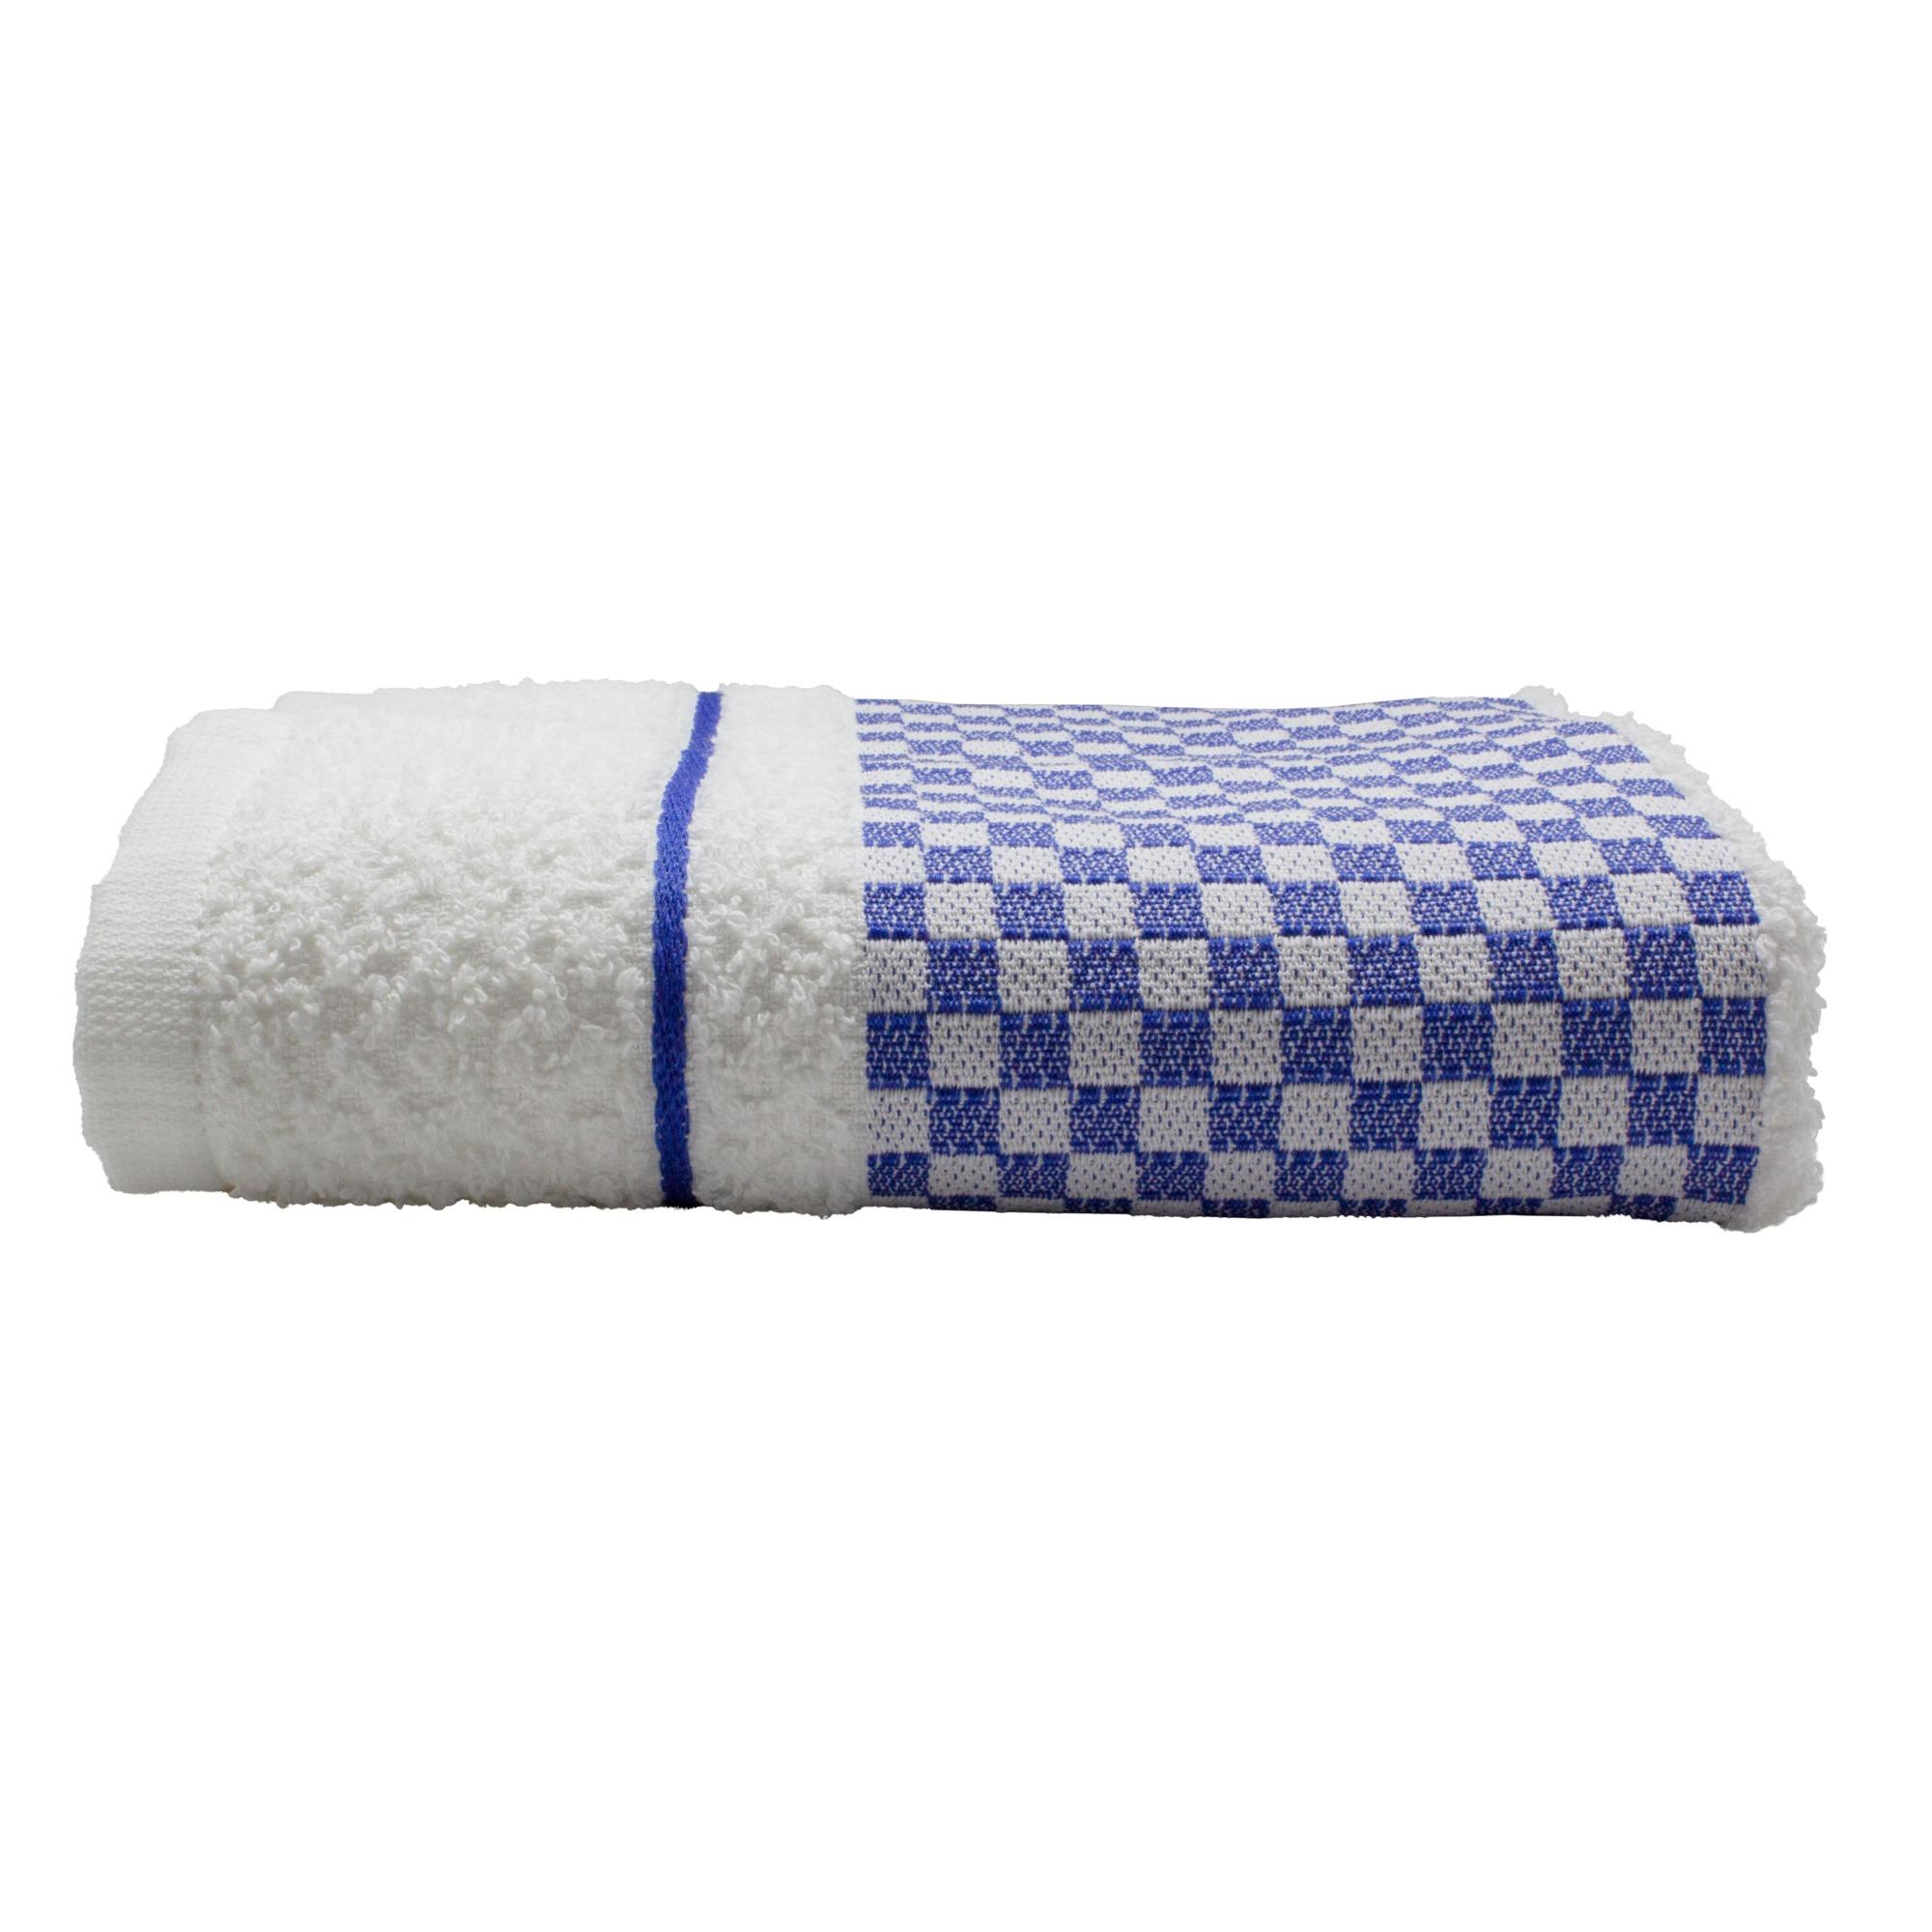 Pano de Copa Jacquard Vitoria Liso 45 x 70cm Azul Marinho - Dohler